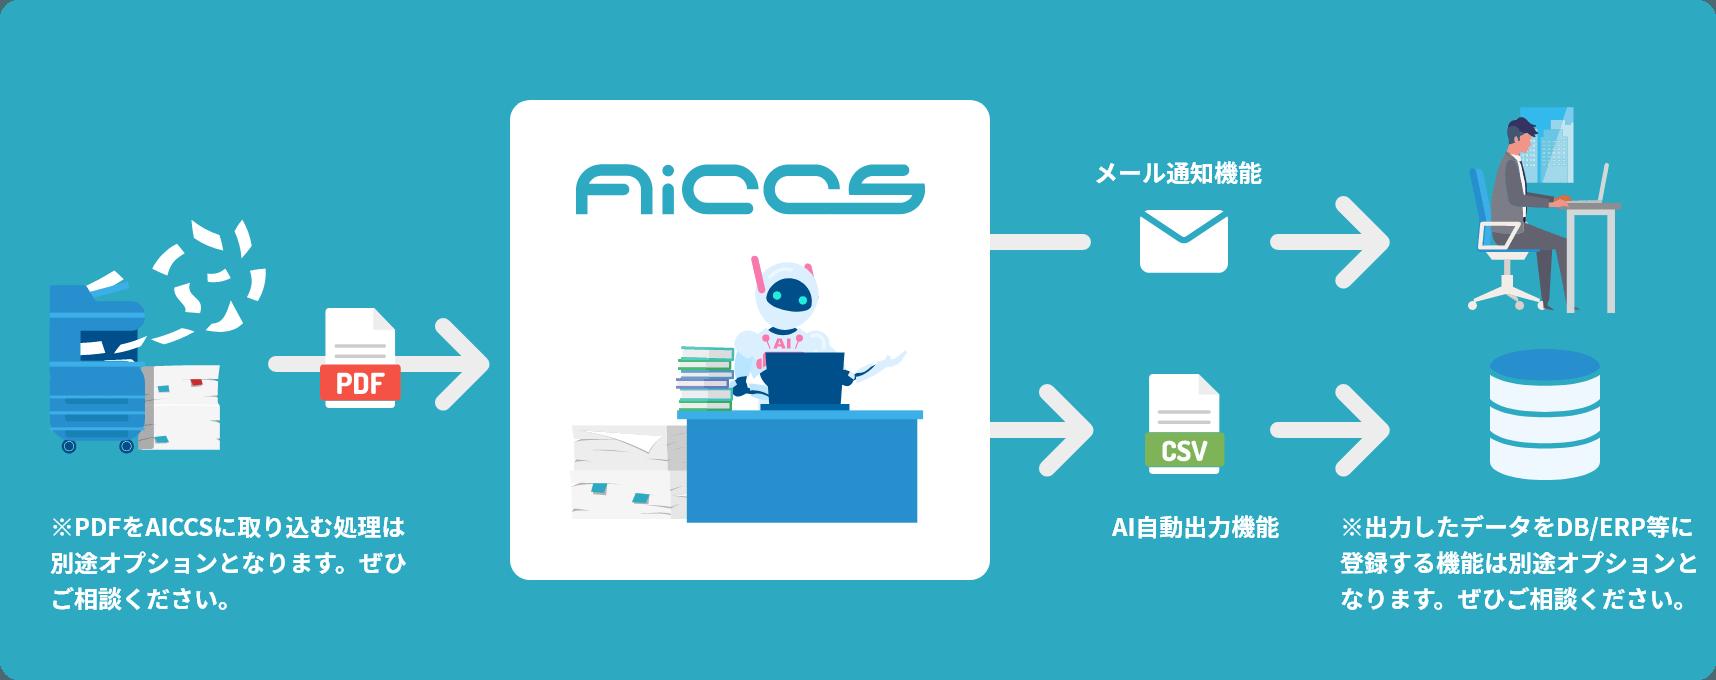 AICCSなら注文書をシームレスかつスピーディにデータ化します。